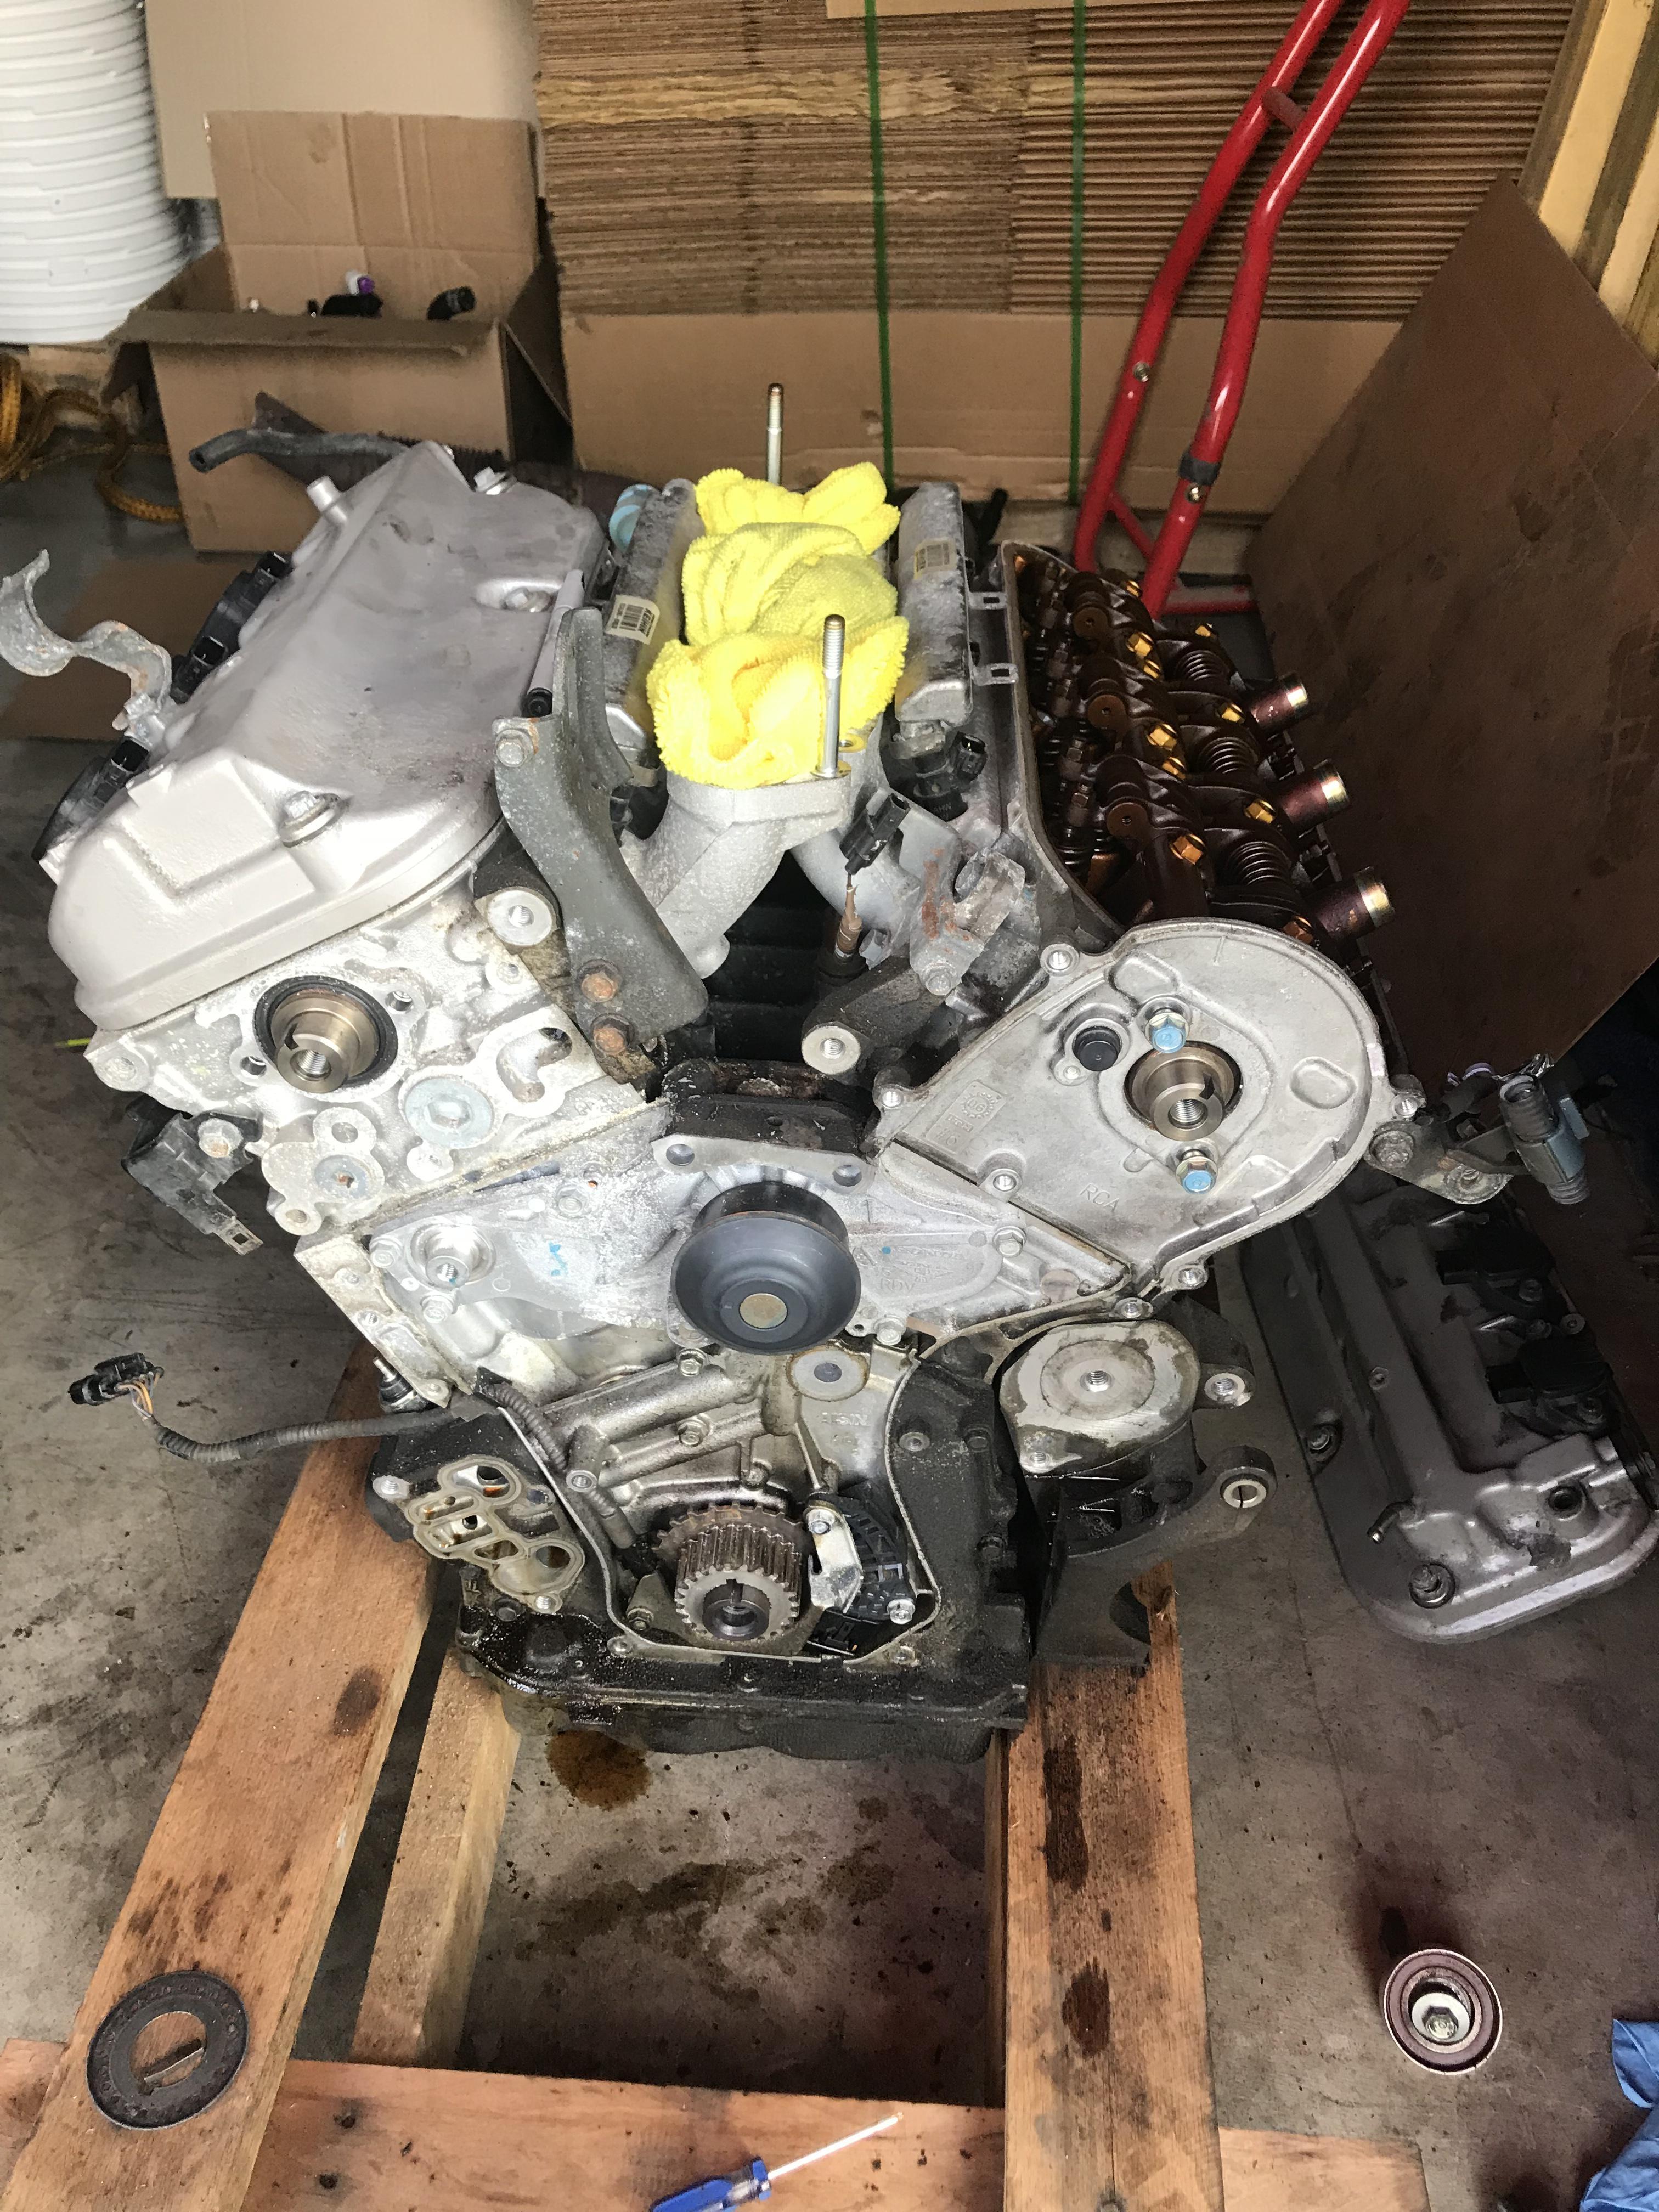 3.2 TL motor swapped success-7ea3ed84-f266-4f7e-ae4b-0701fea08800_1529000166598.jpeg